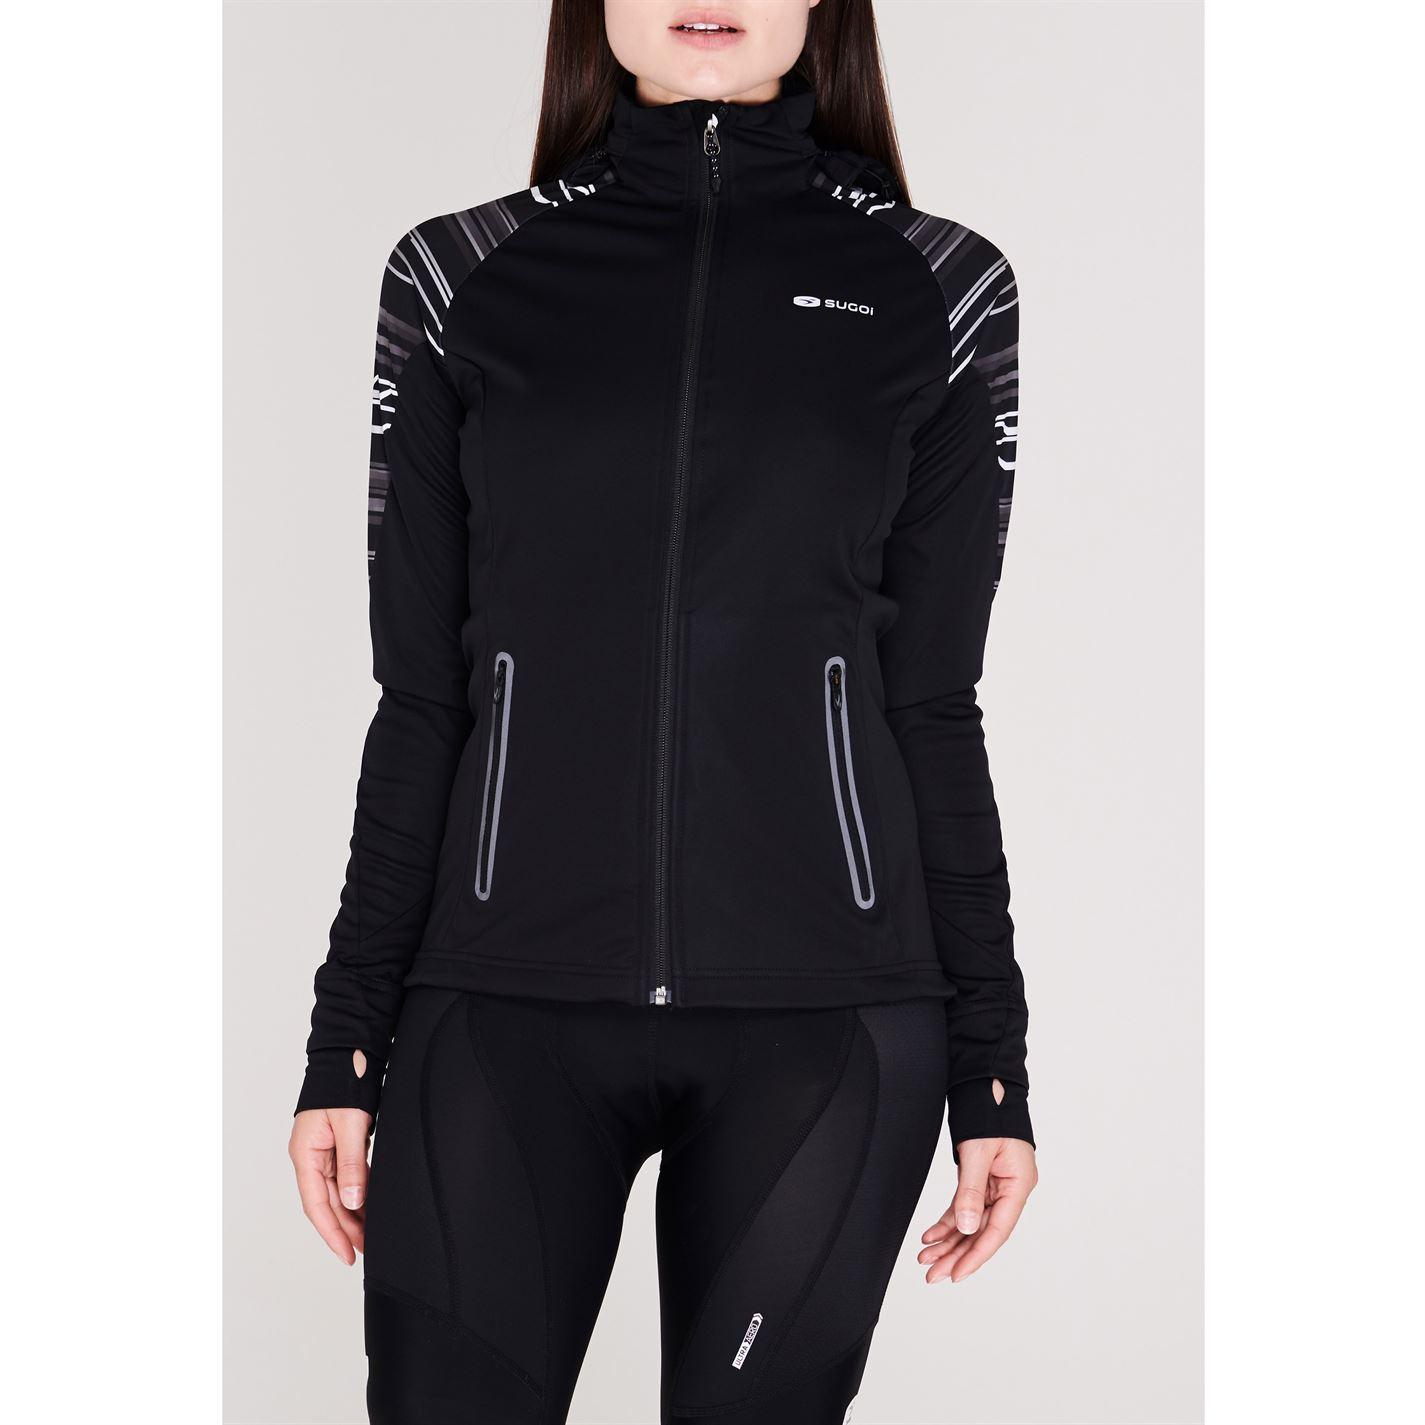 Sugoi Firewall 180 Jacket Ladies